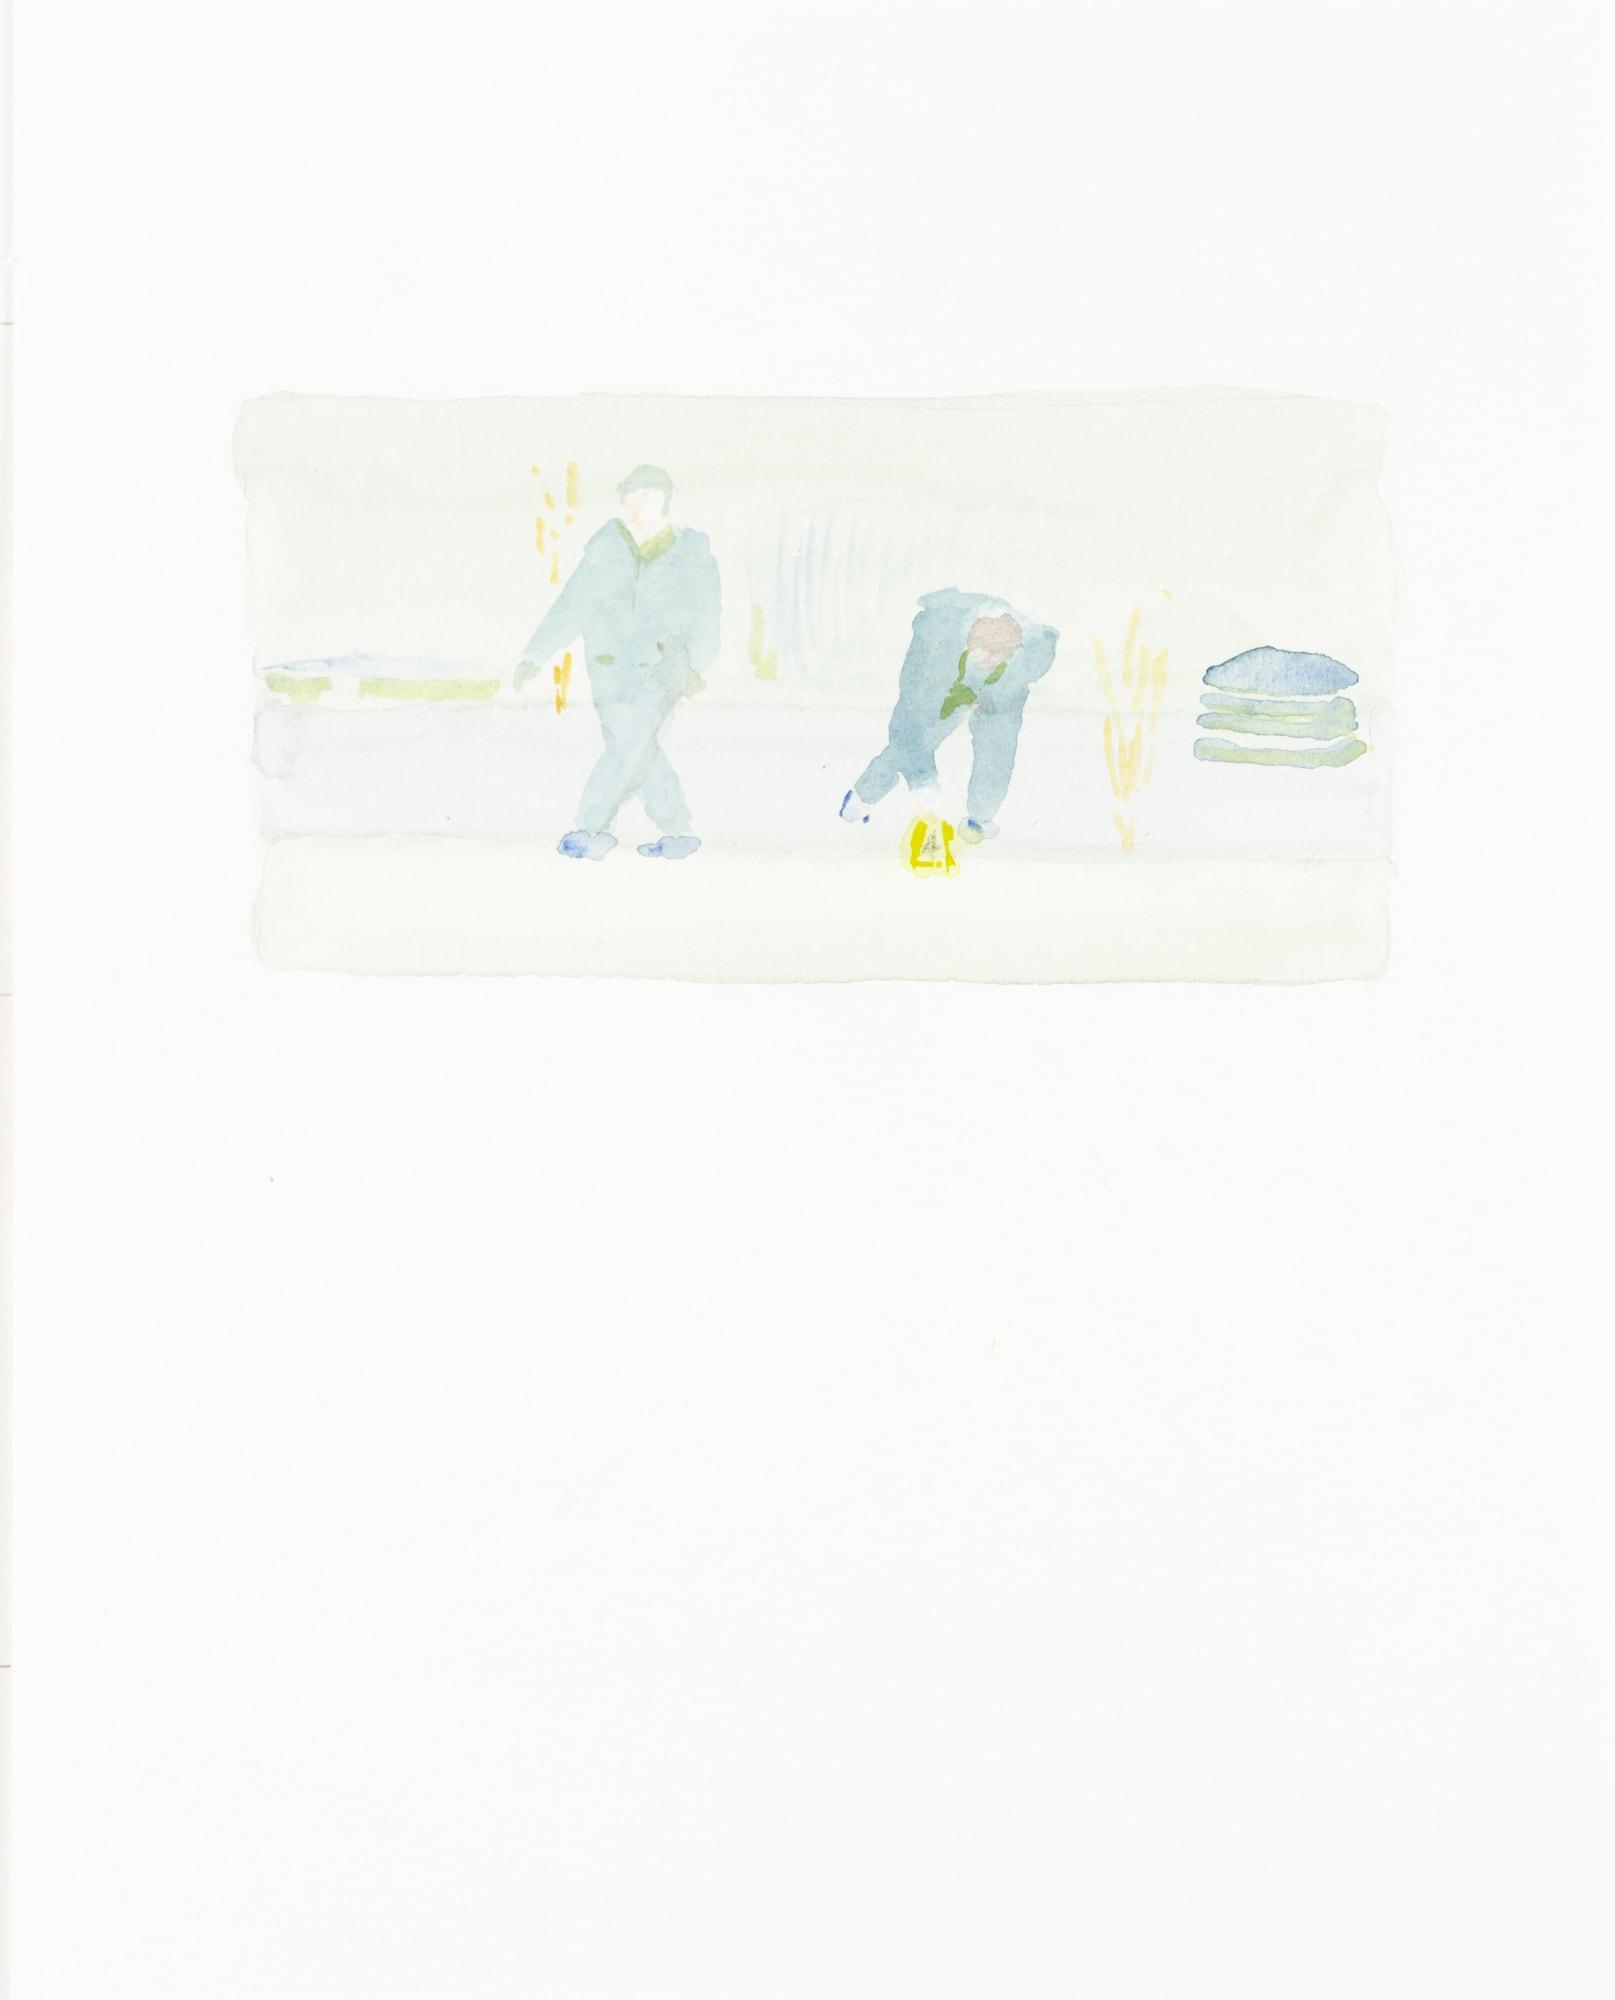 Zeichnung, Aquarell auf Papier, 24x30cm, Spurensicherung, Künstlerin: Franziska King